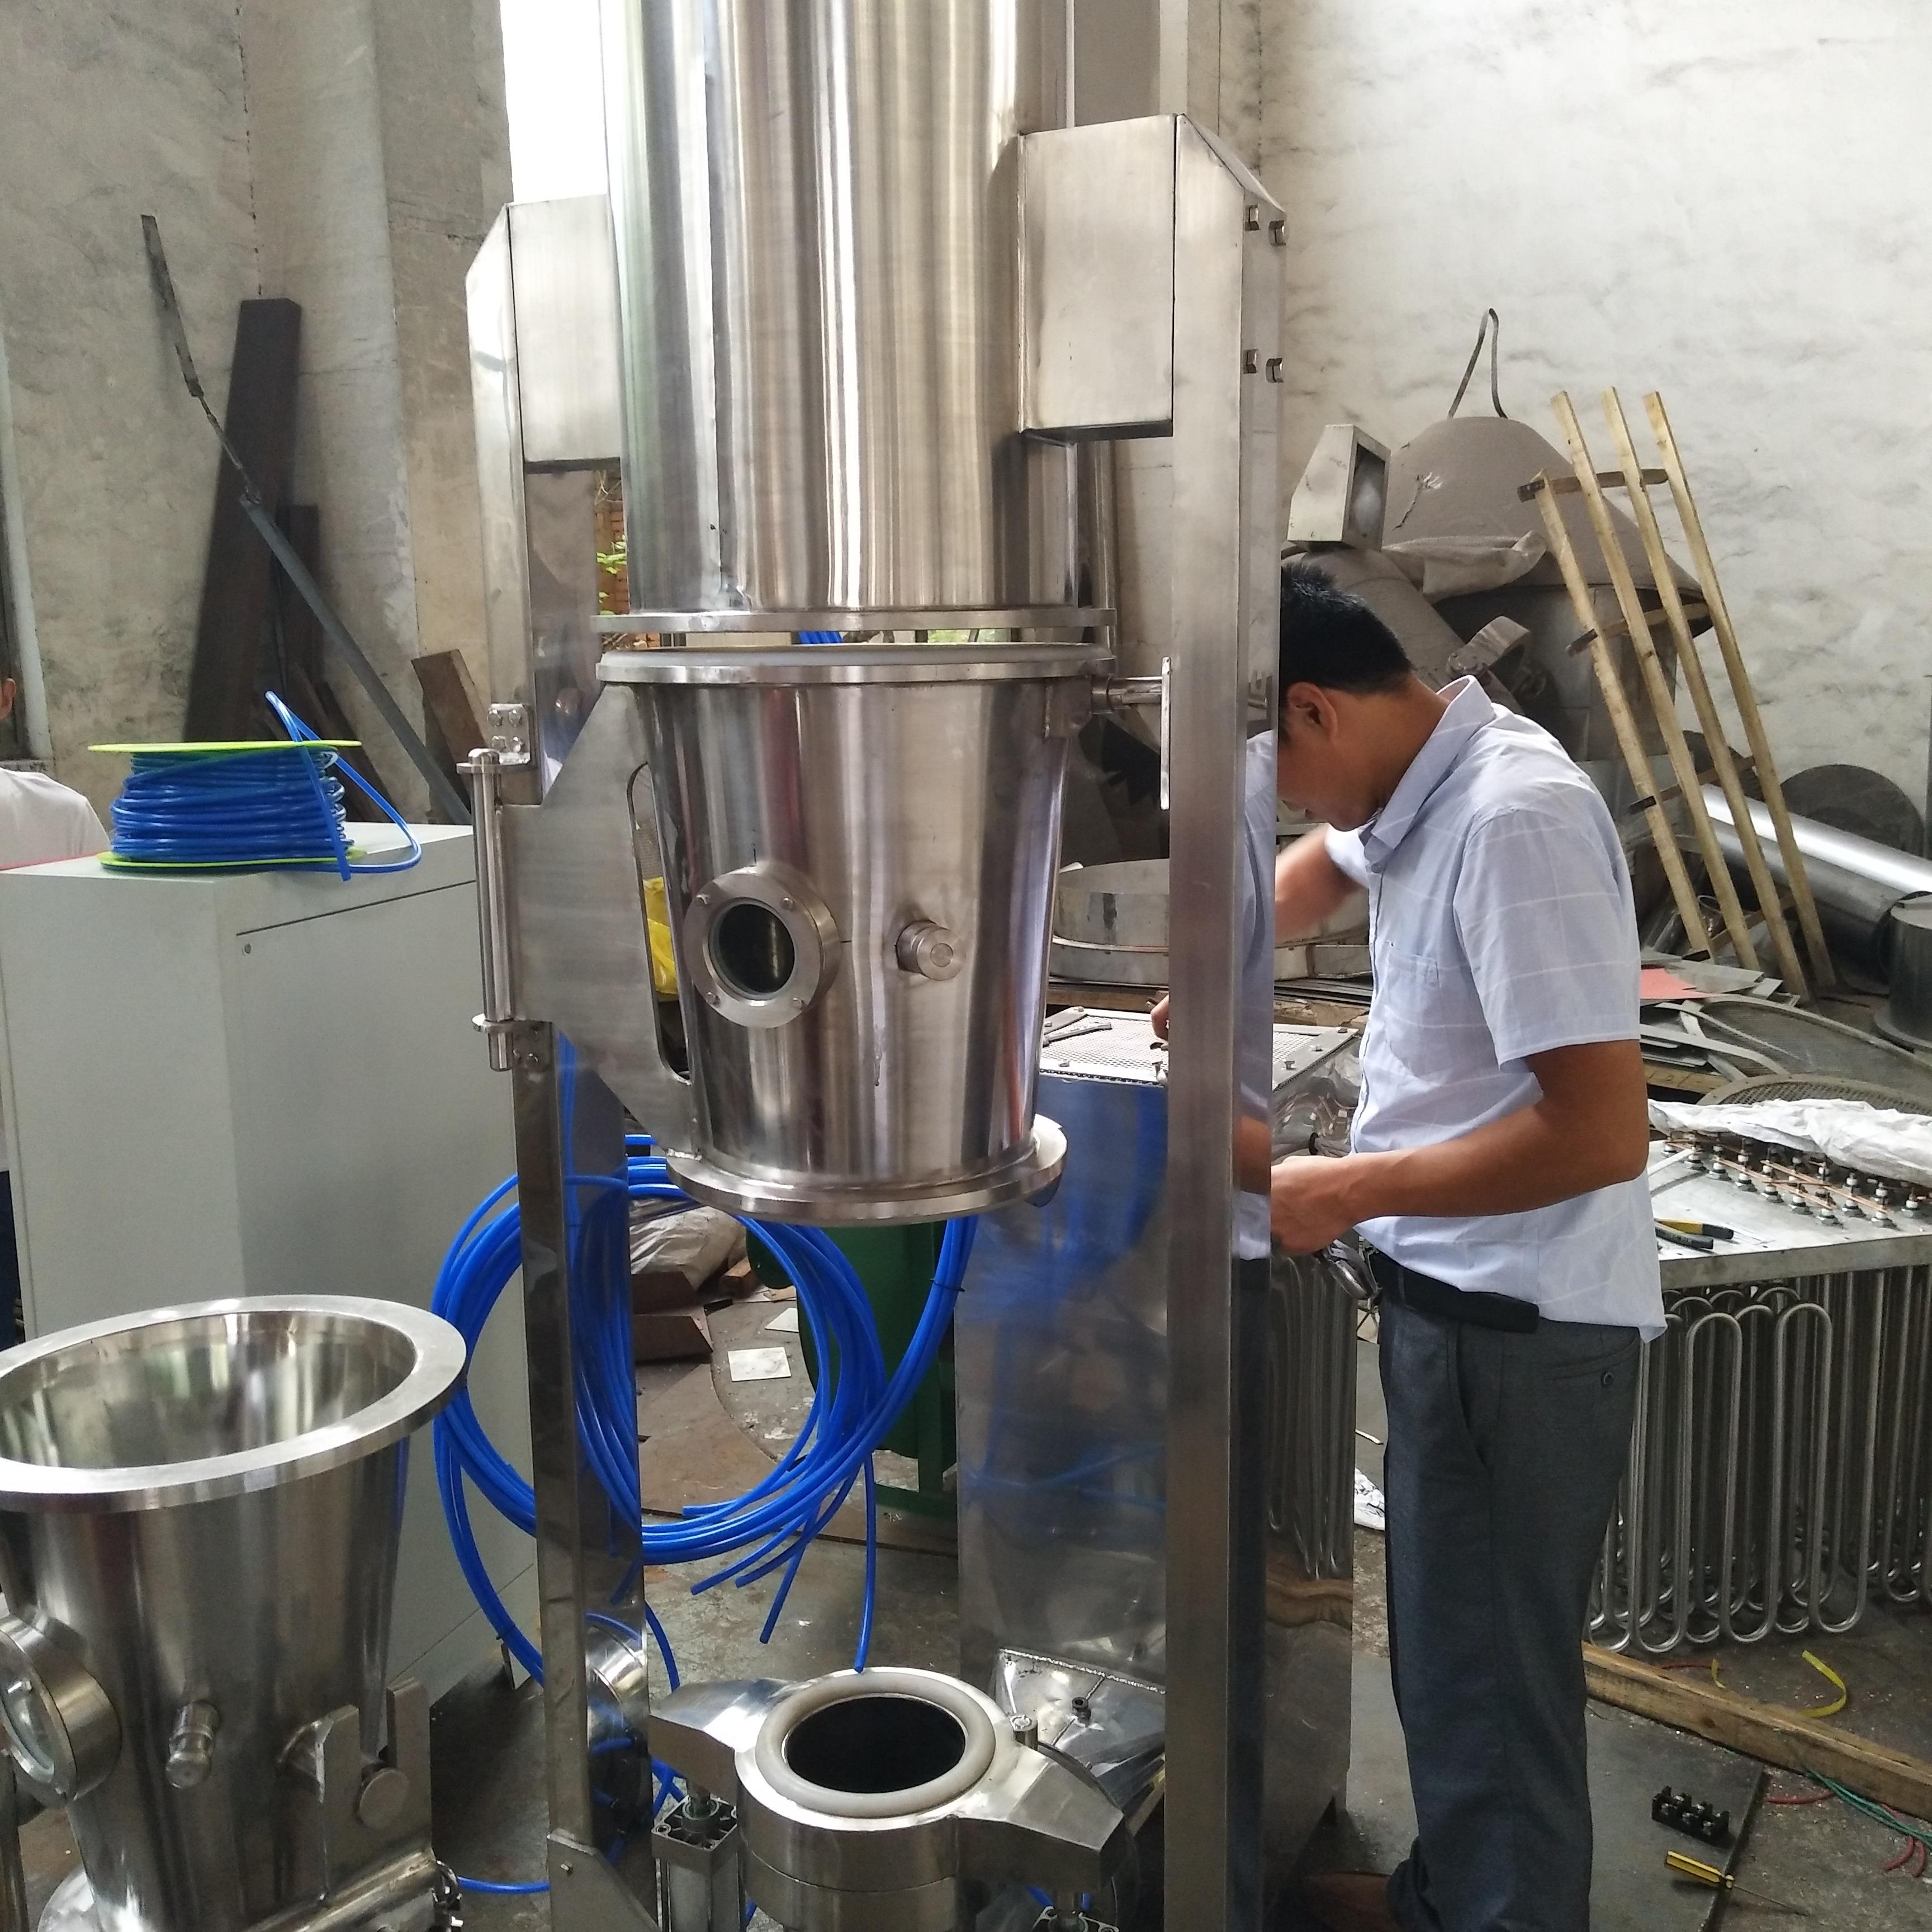 即溶颗粒高效沸腾干燥机 沸腾流化床干燥机  固体饮料沸腾制粒机